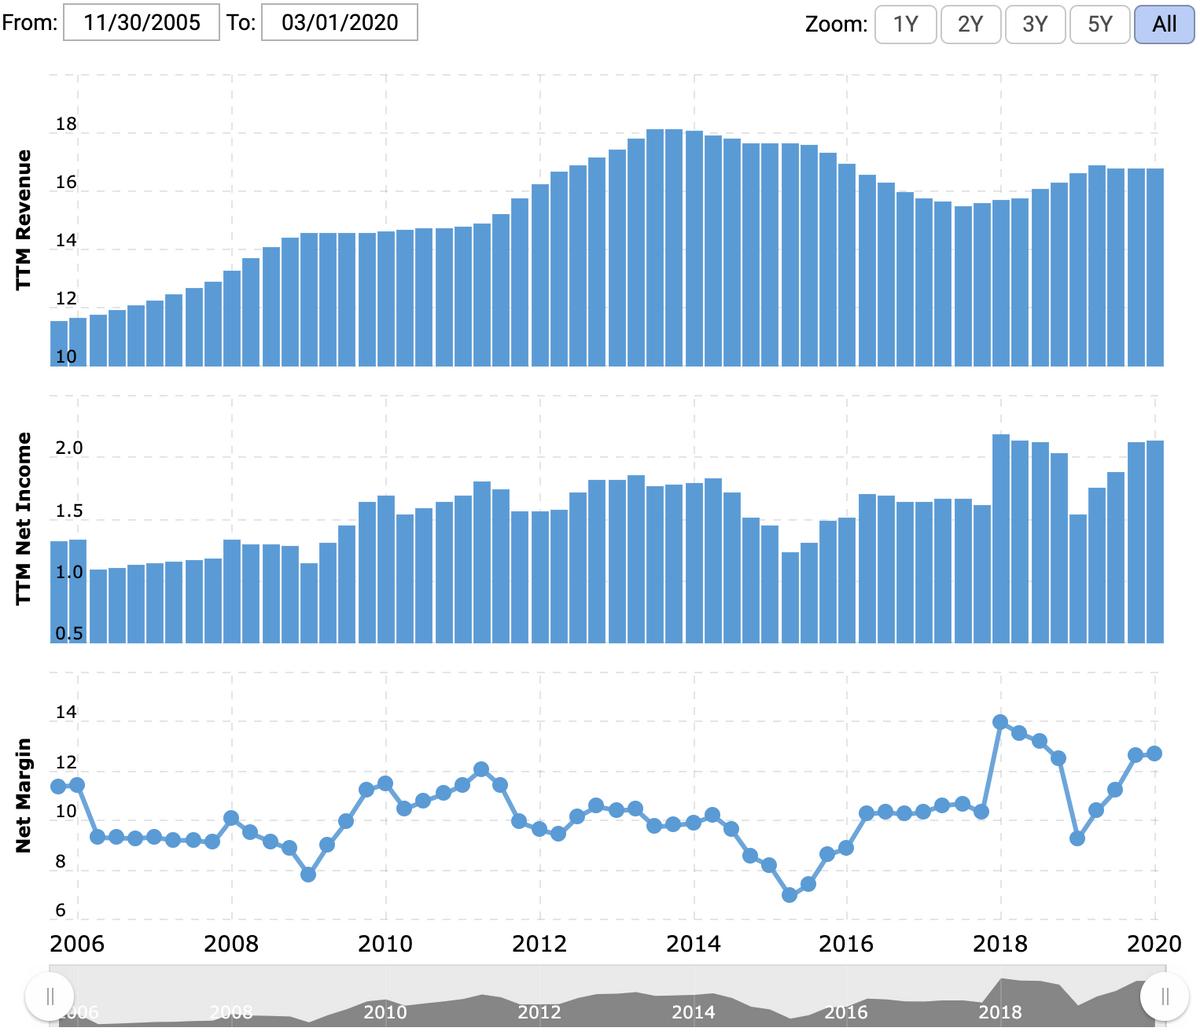 Выручка за последние 12 месяцев в миллиардах долларов, прибыль за последние 12 месяцев в миллиардах долларов, итоговая маржа в процентах от выручки. Источник: Macrotrends